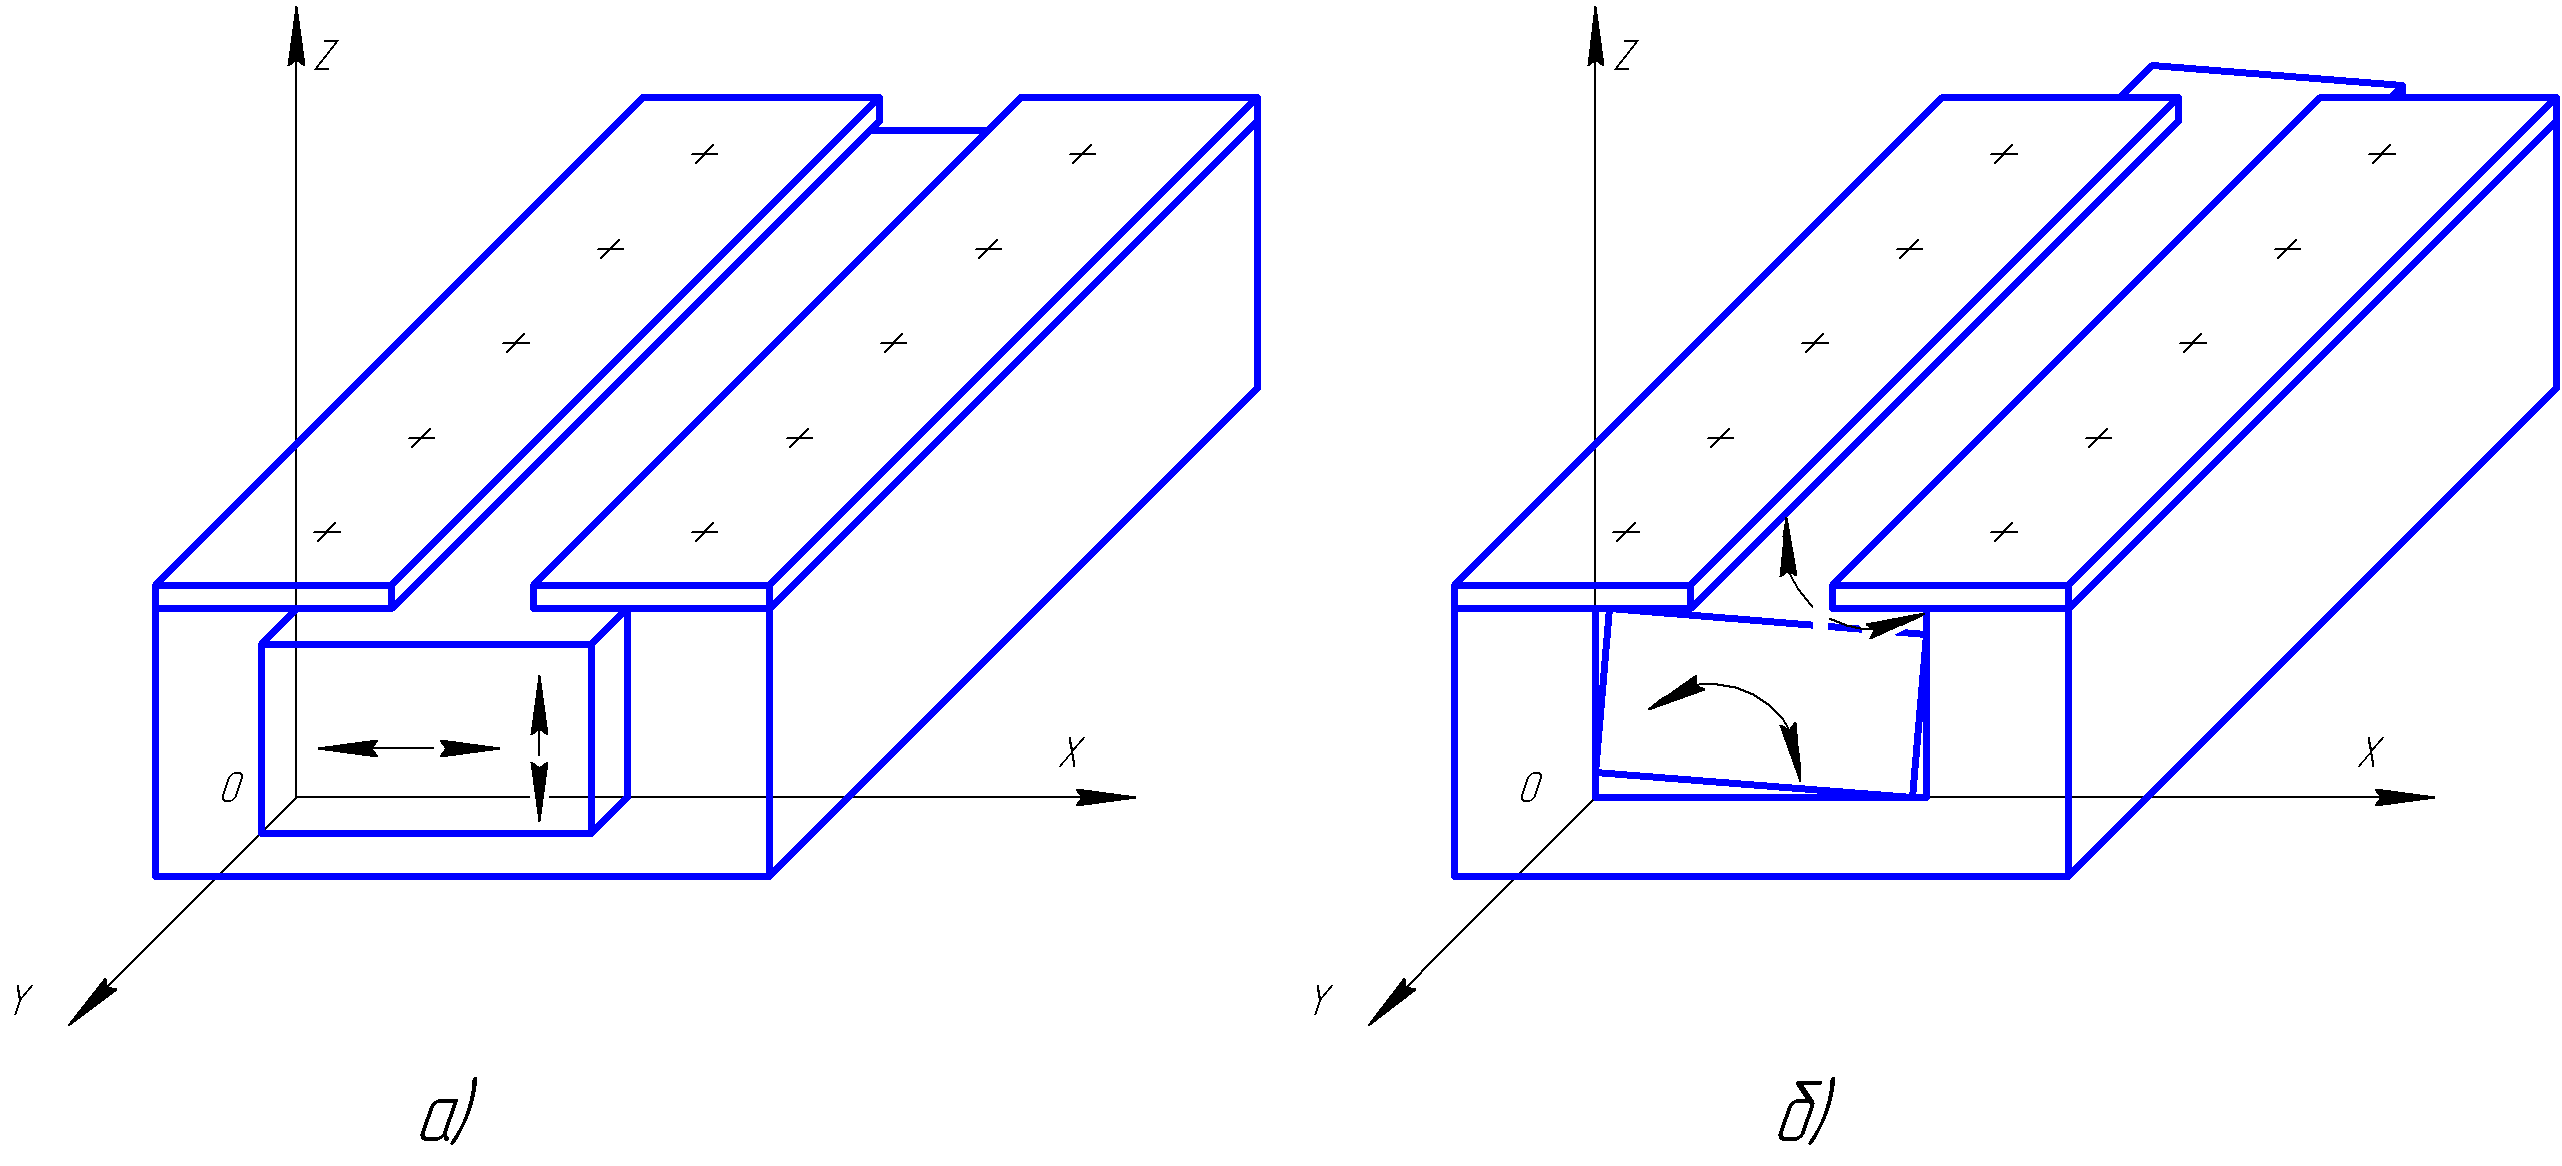 Теория базирования схемы базирования